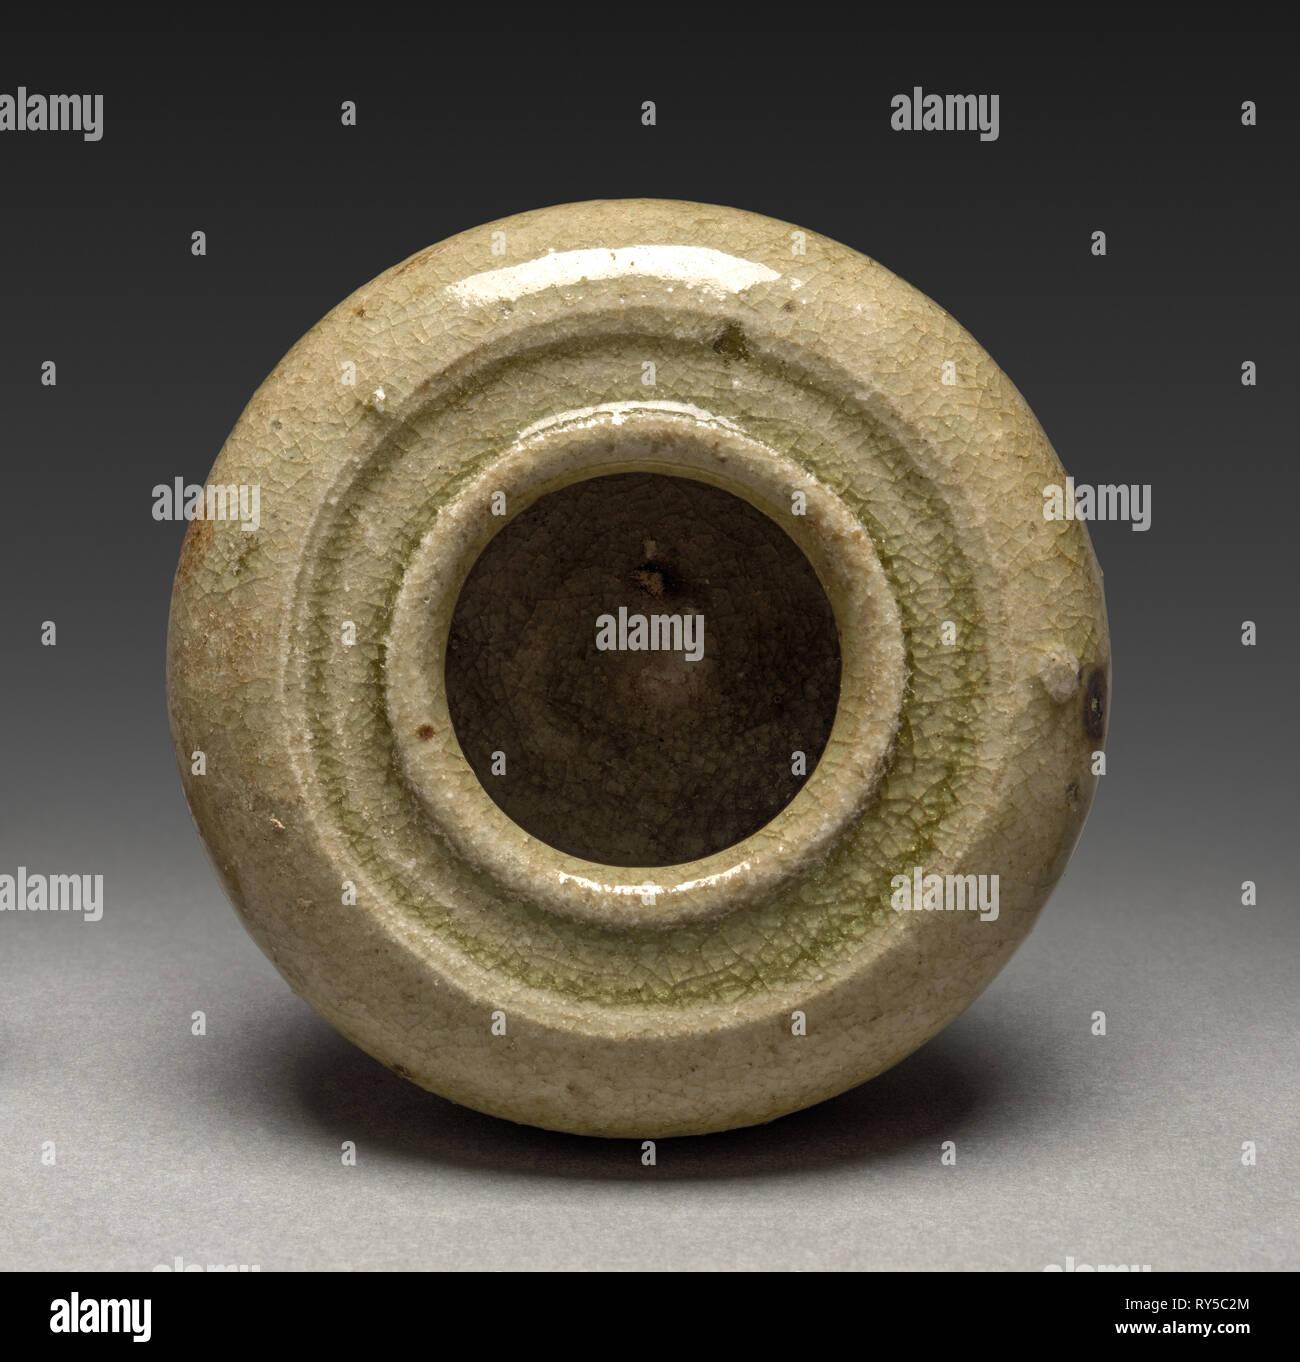 Incense Box: Seto Ware, 1200s-1300s. Japan, Kamakura Period (1185-1333). Glazed stoneware; diameter: 6 cm (2 3/8 in.); overall: 3.5 cm (1 3/8 in - Stock Image